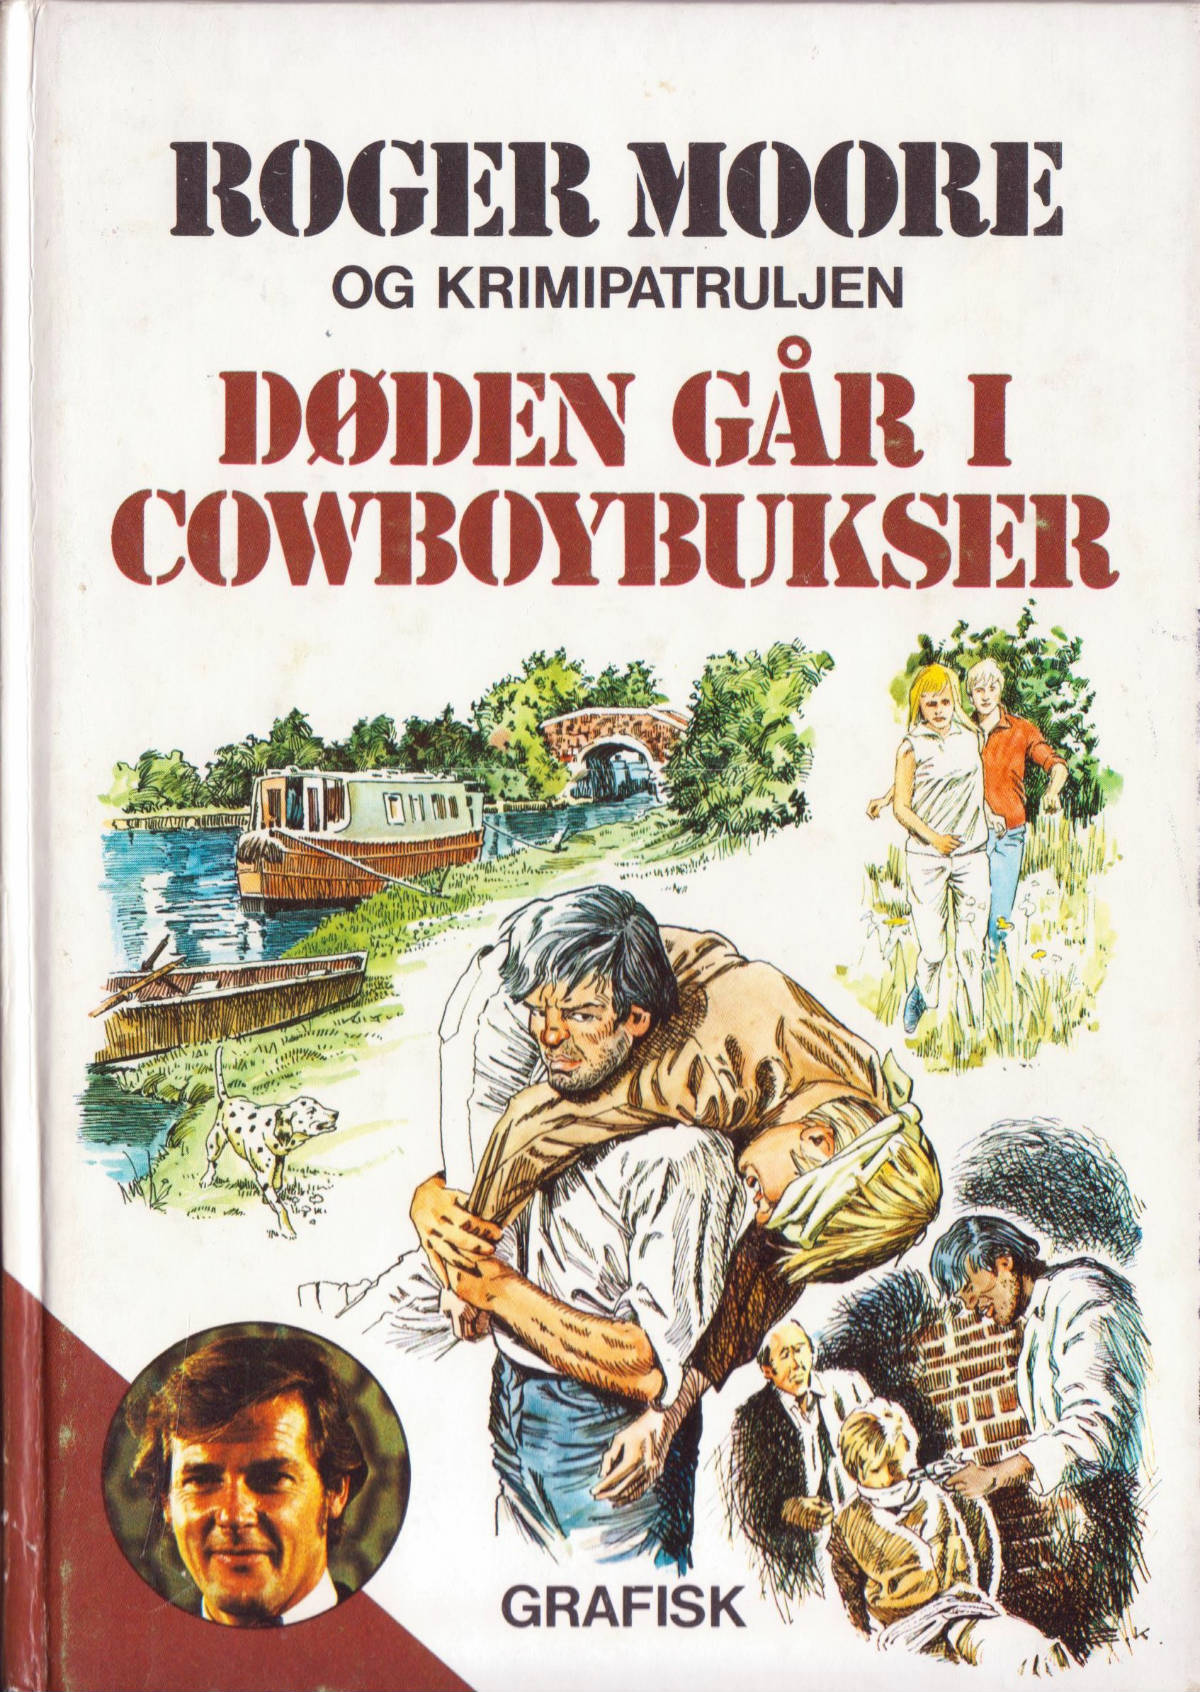 Roger Moore og Krimipatruljen 5 forside